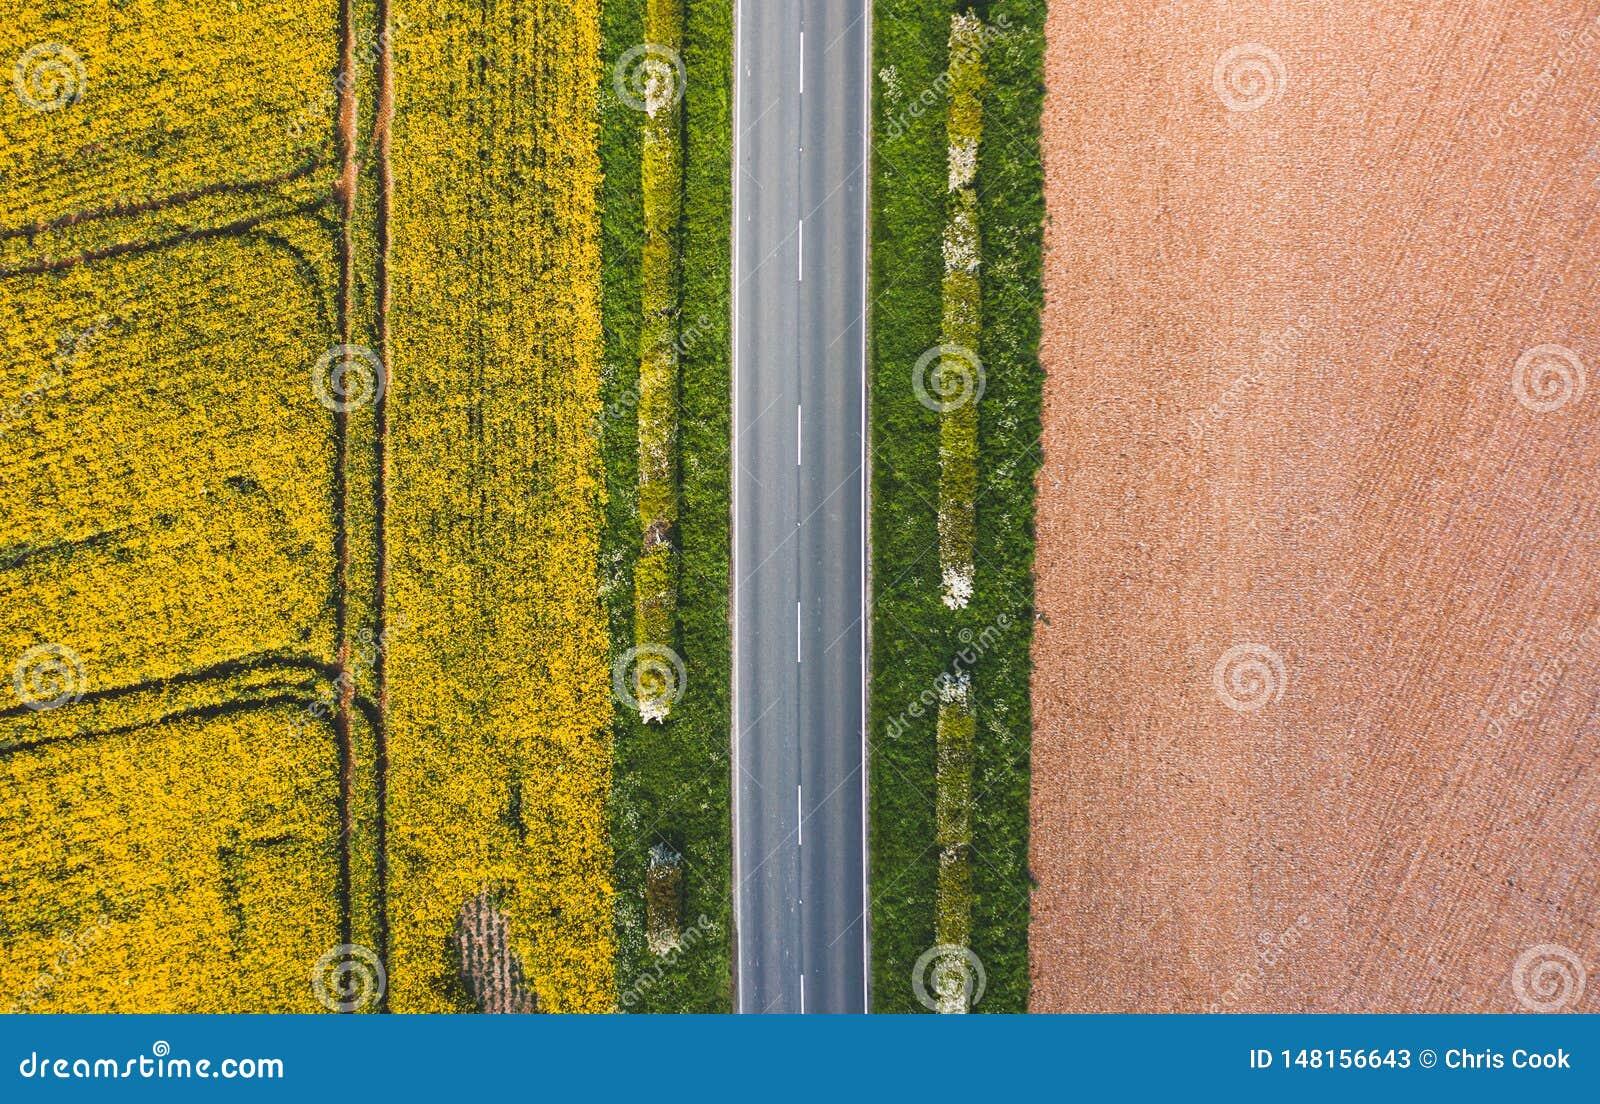 Antenne die VAN smalle weg tussen zonnig groen gras, raapzaad wordt geschoten